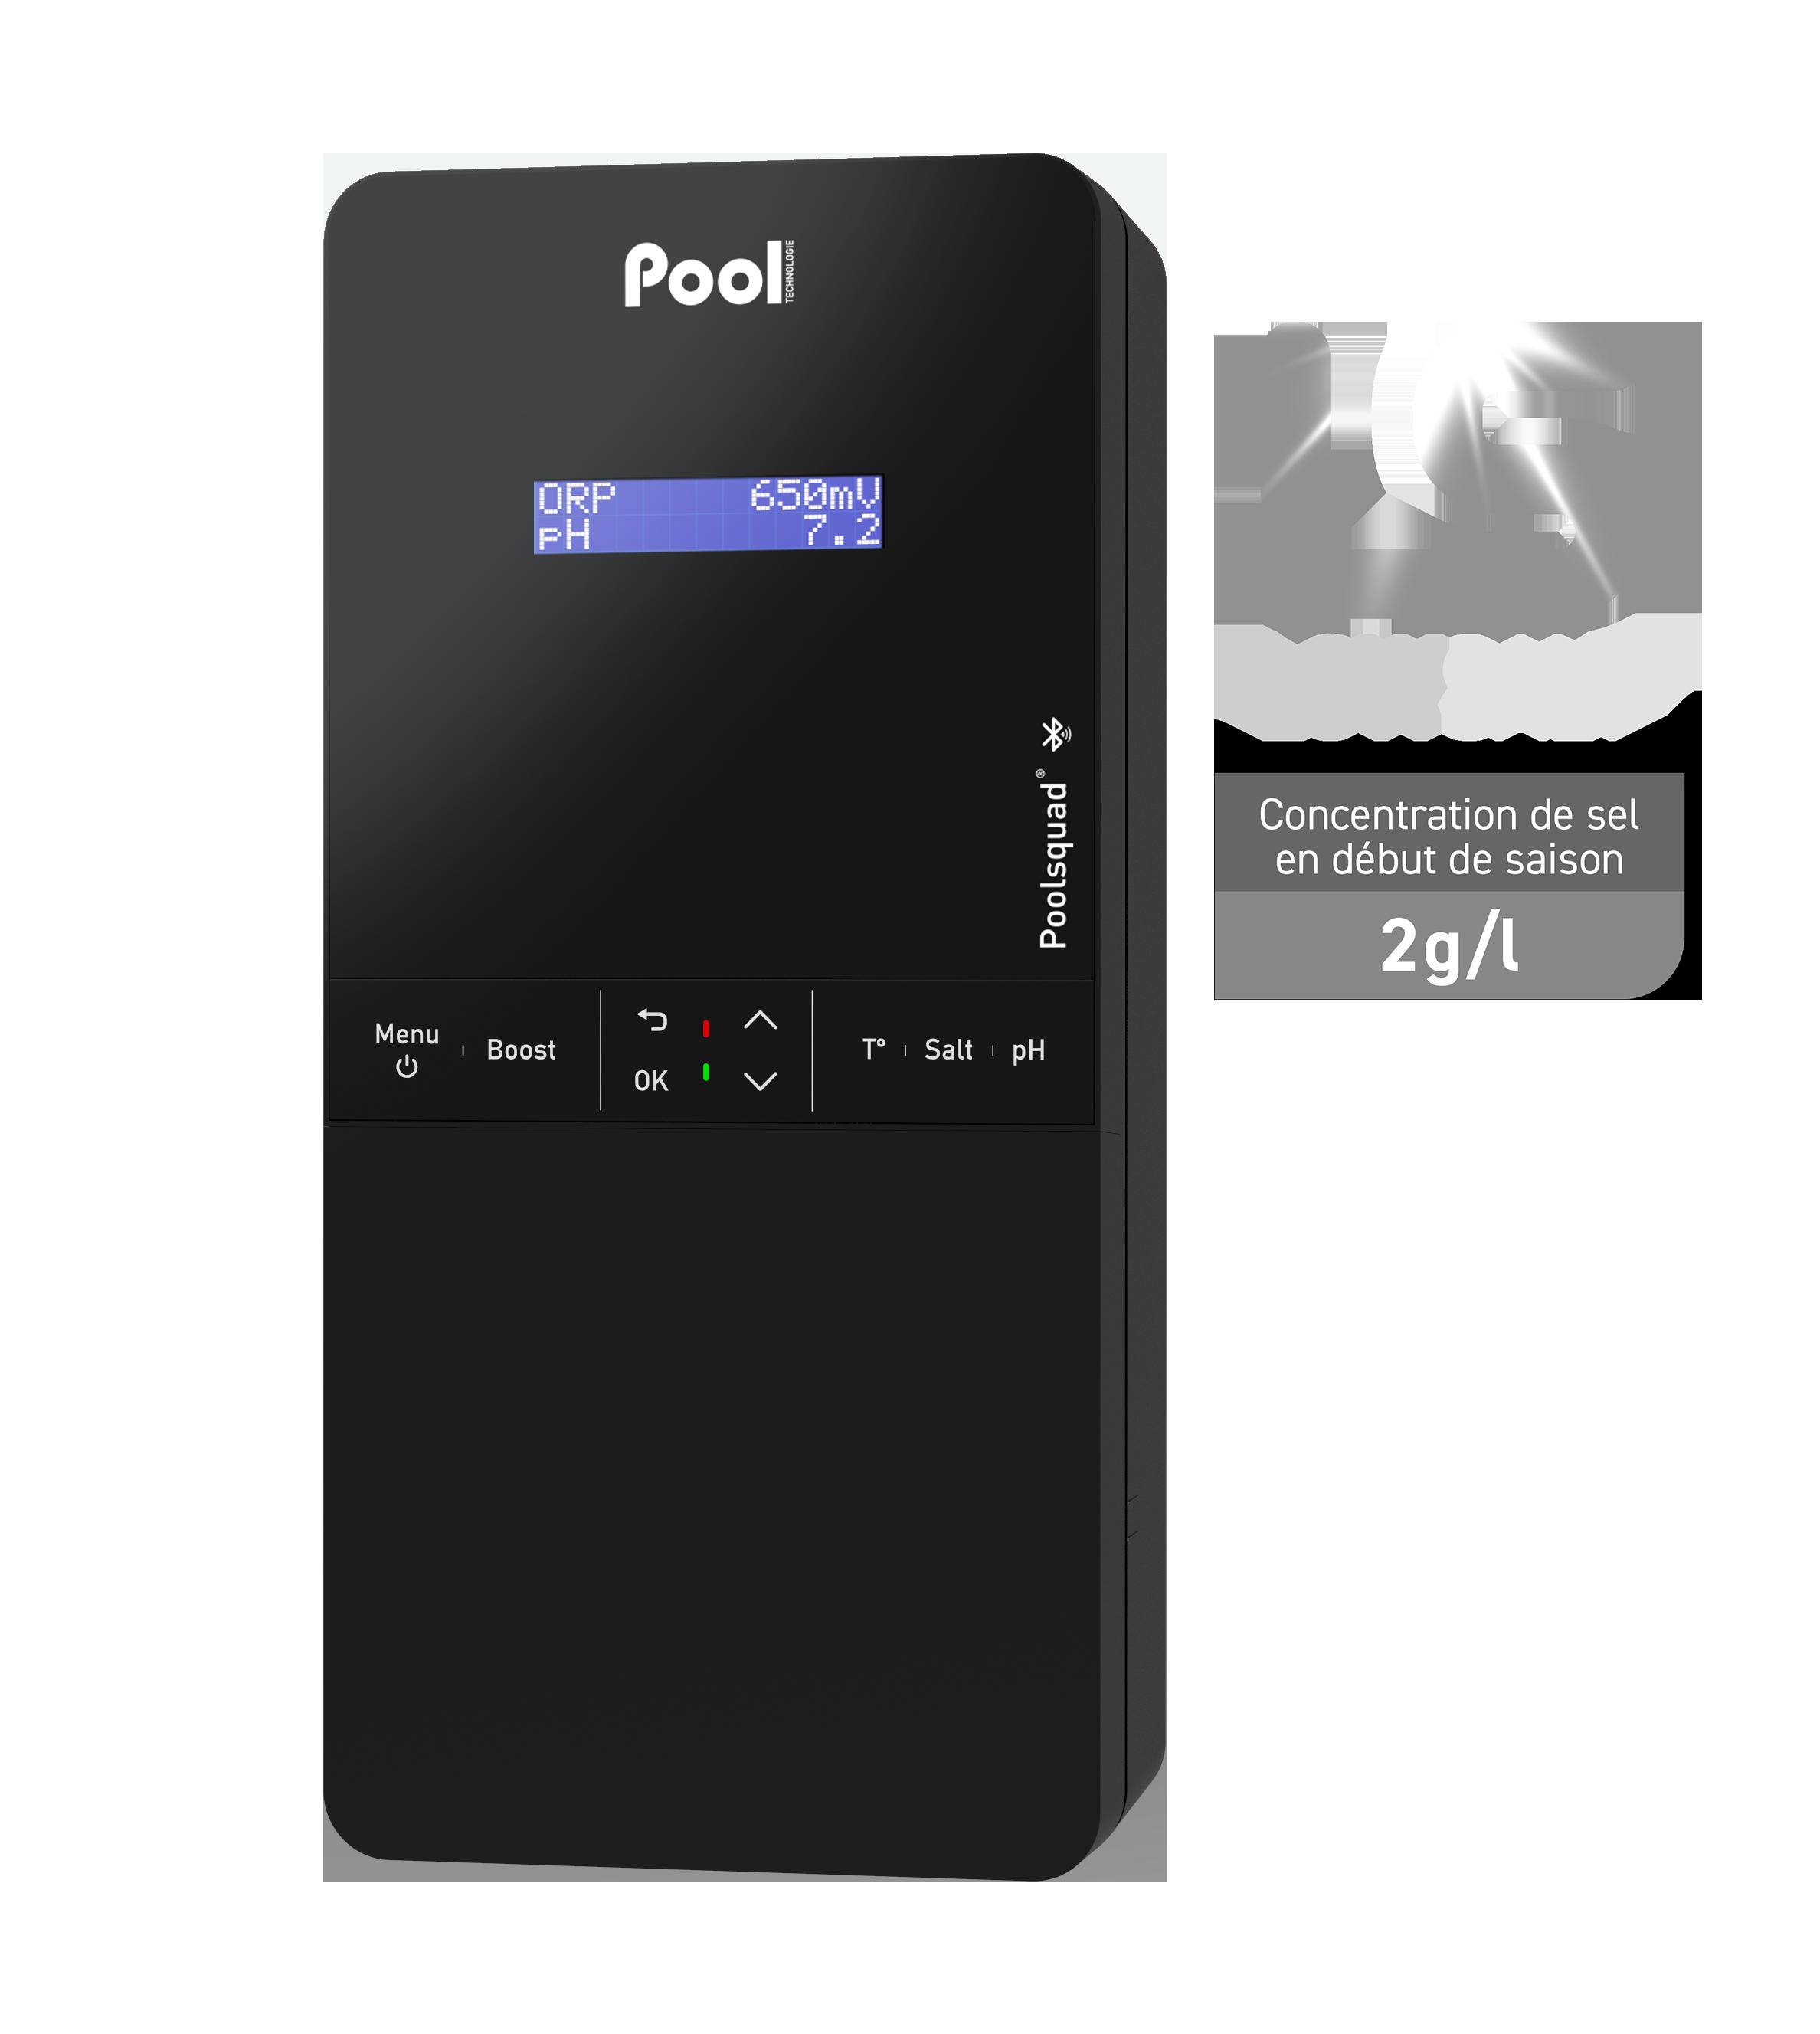 Poolsquad Pro Low Salt régulateur pH électrolyseur de sel contrôle ORP